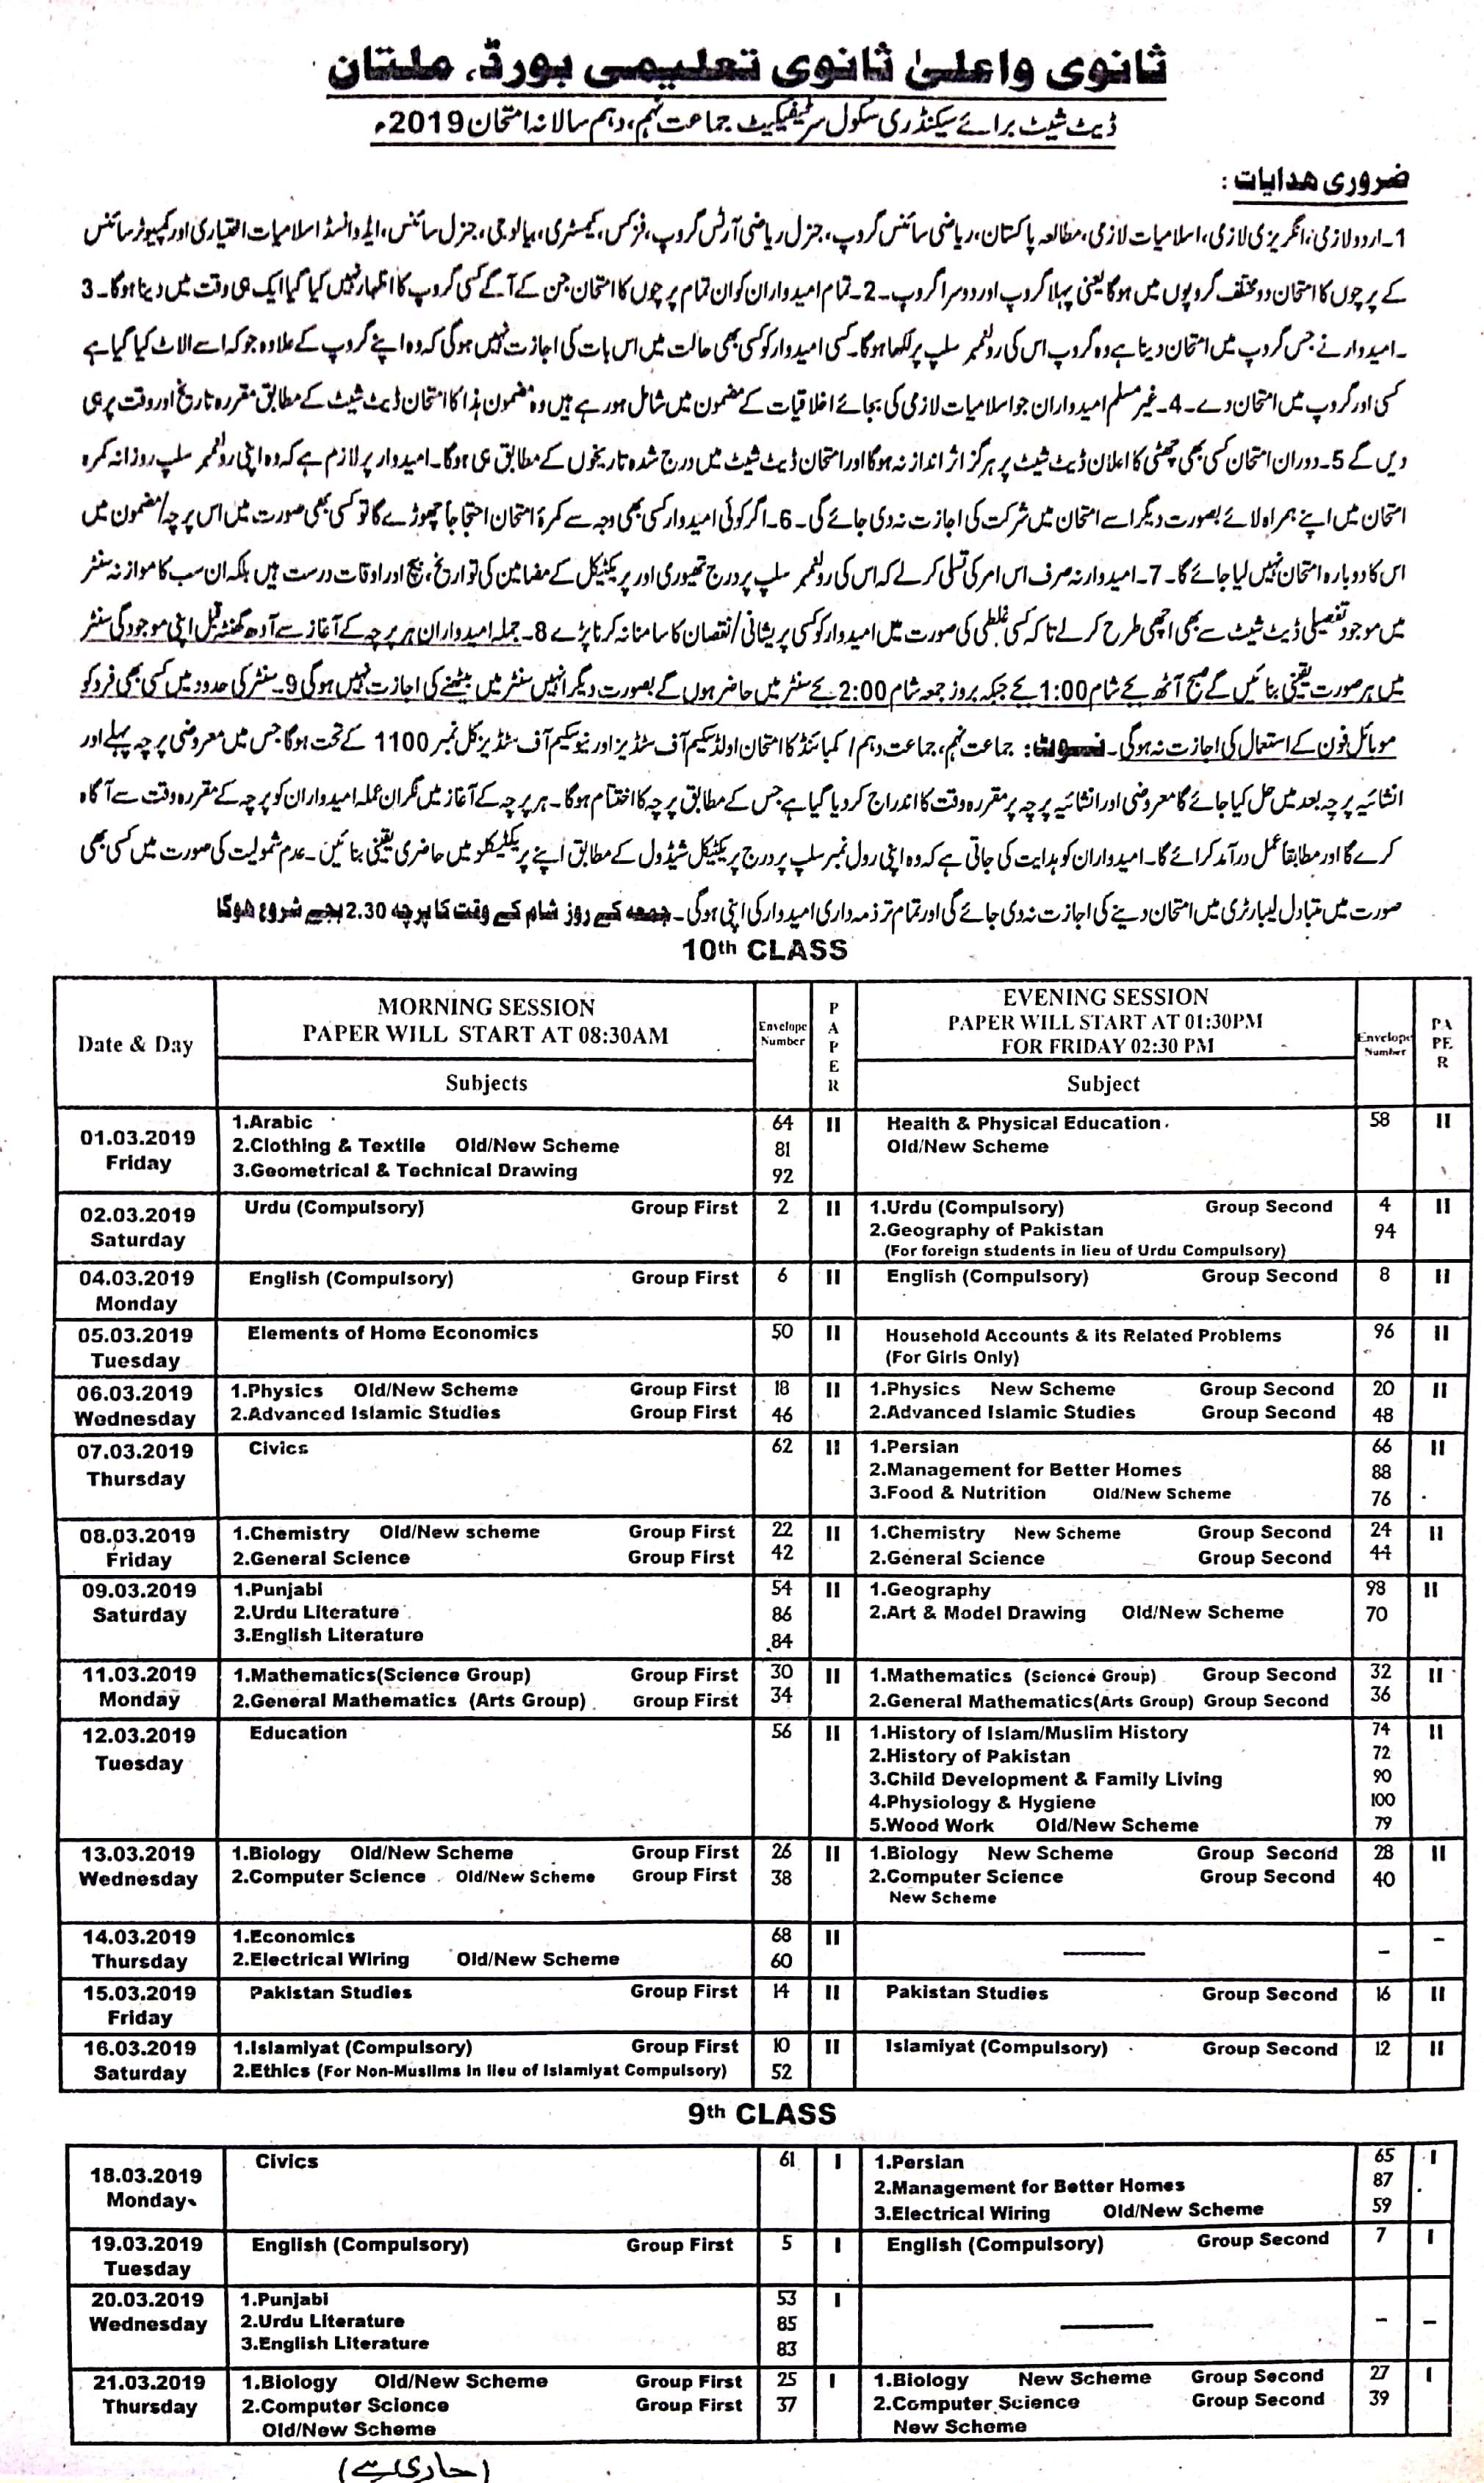 BISE Multan Board Date Sheet 2019 Matric Part 1 2, 9th & 10th, SSC